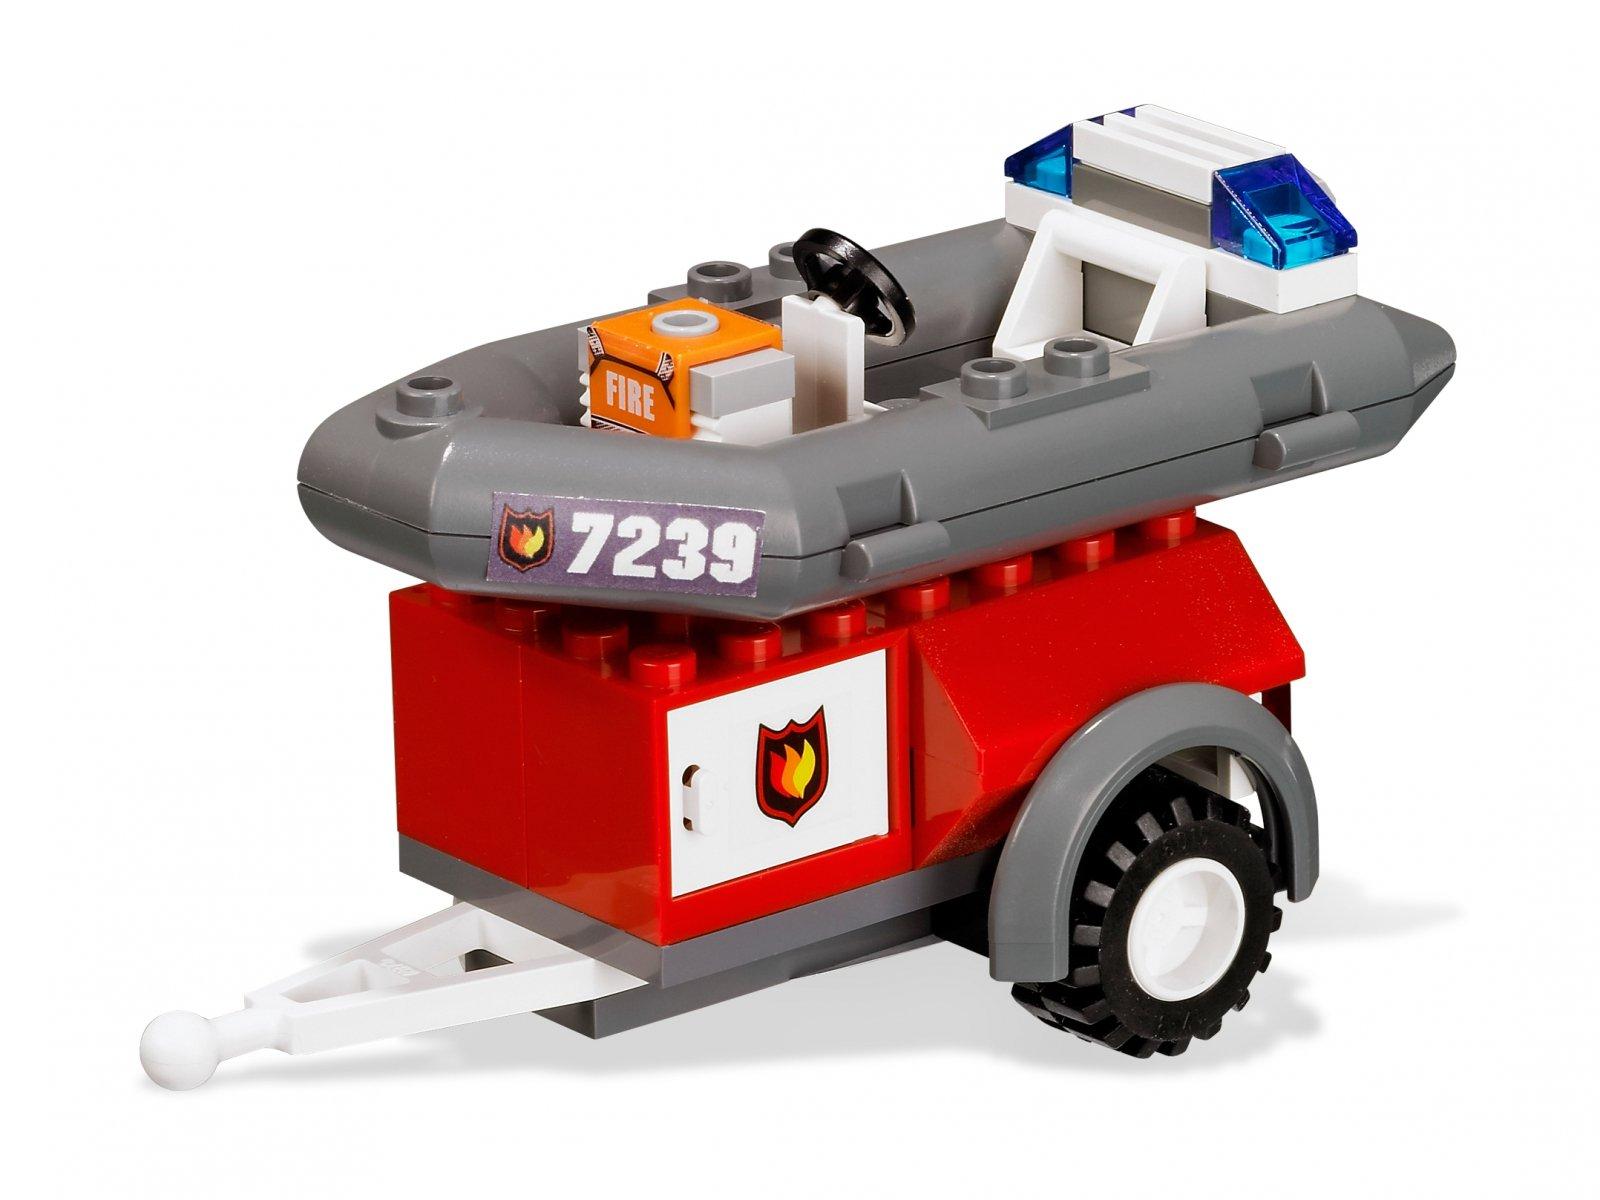 LEGO City Wóz strażacki 7239